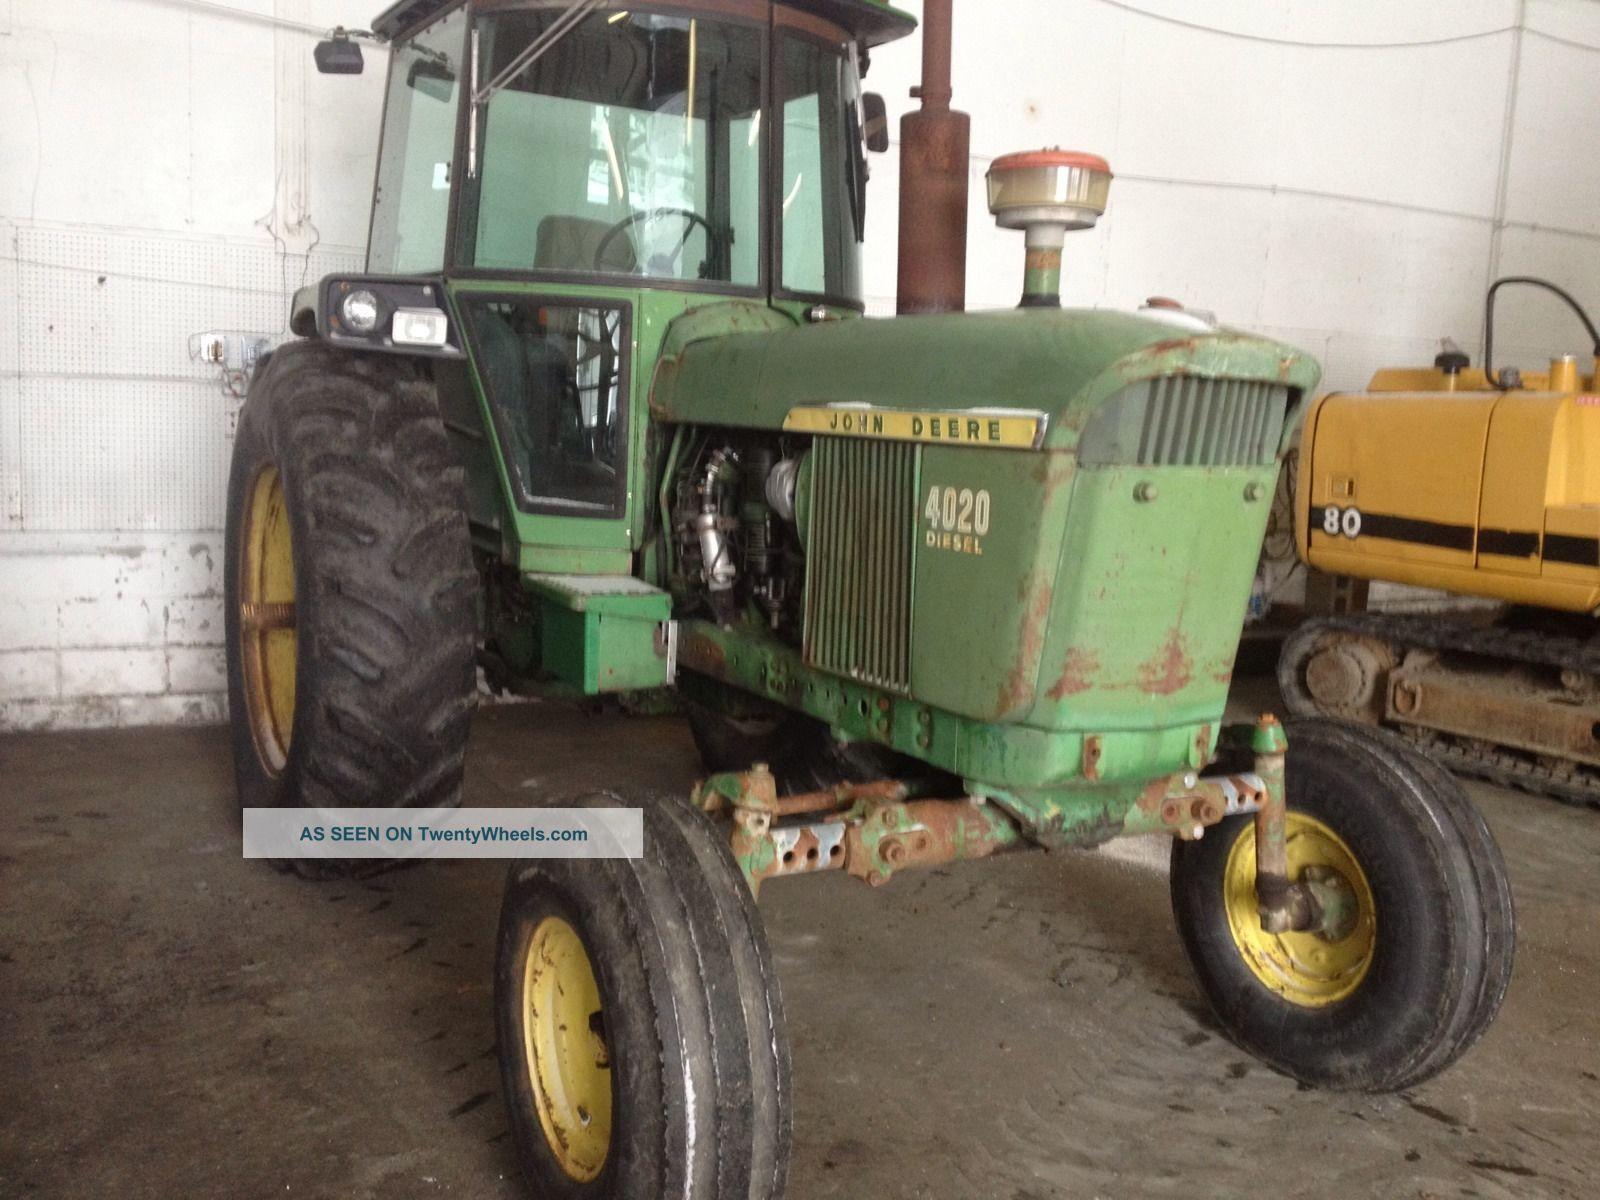 Rare John Deere Tractors : Rare john deere diesel with sound guard cab